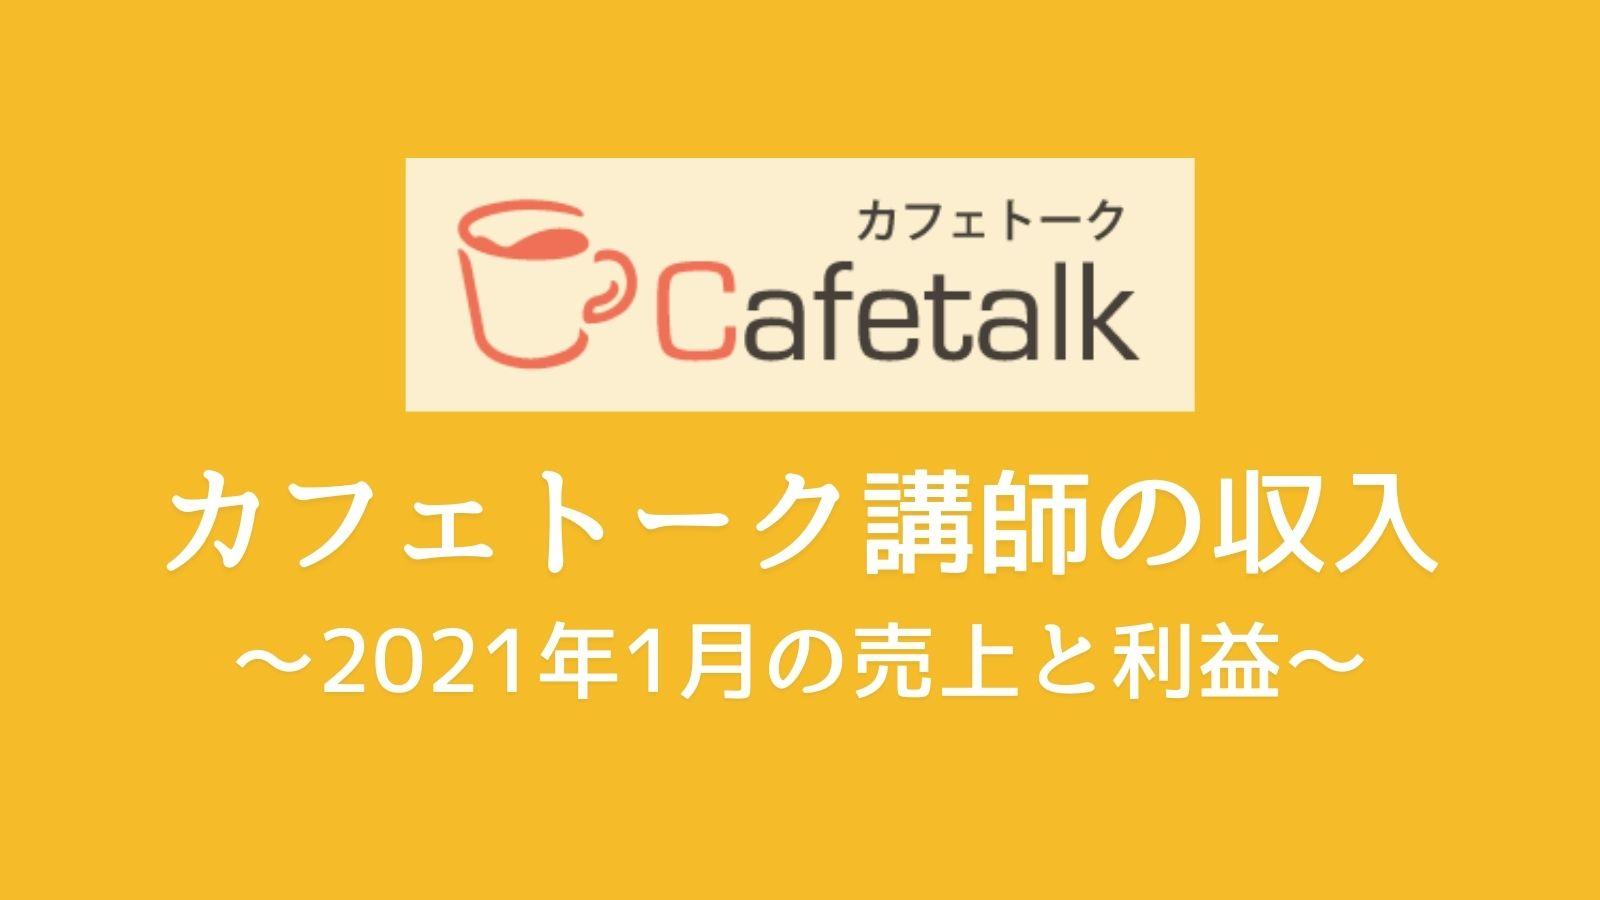 2021年2月のカフェトーク講師収入